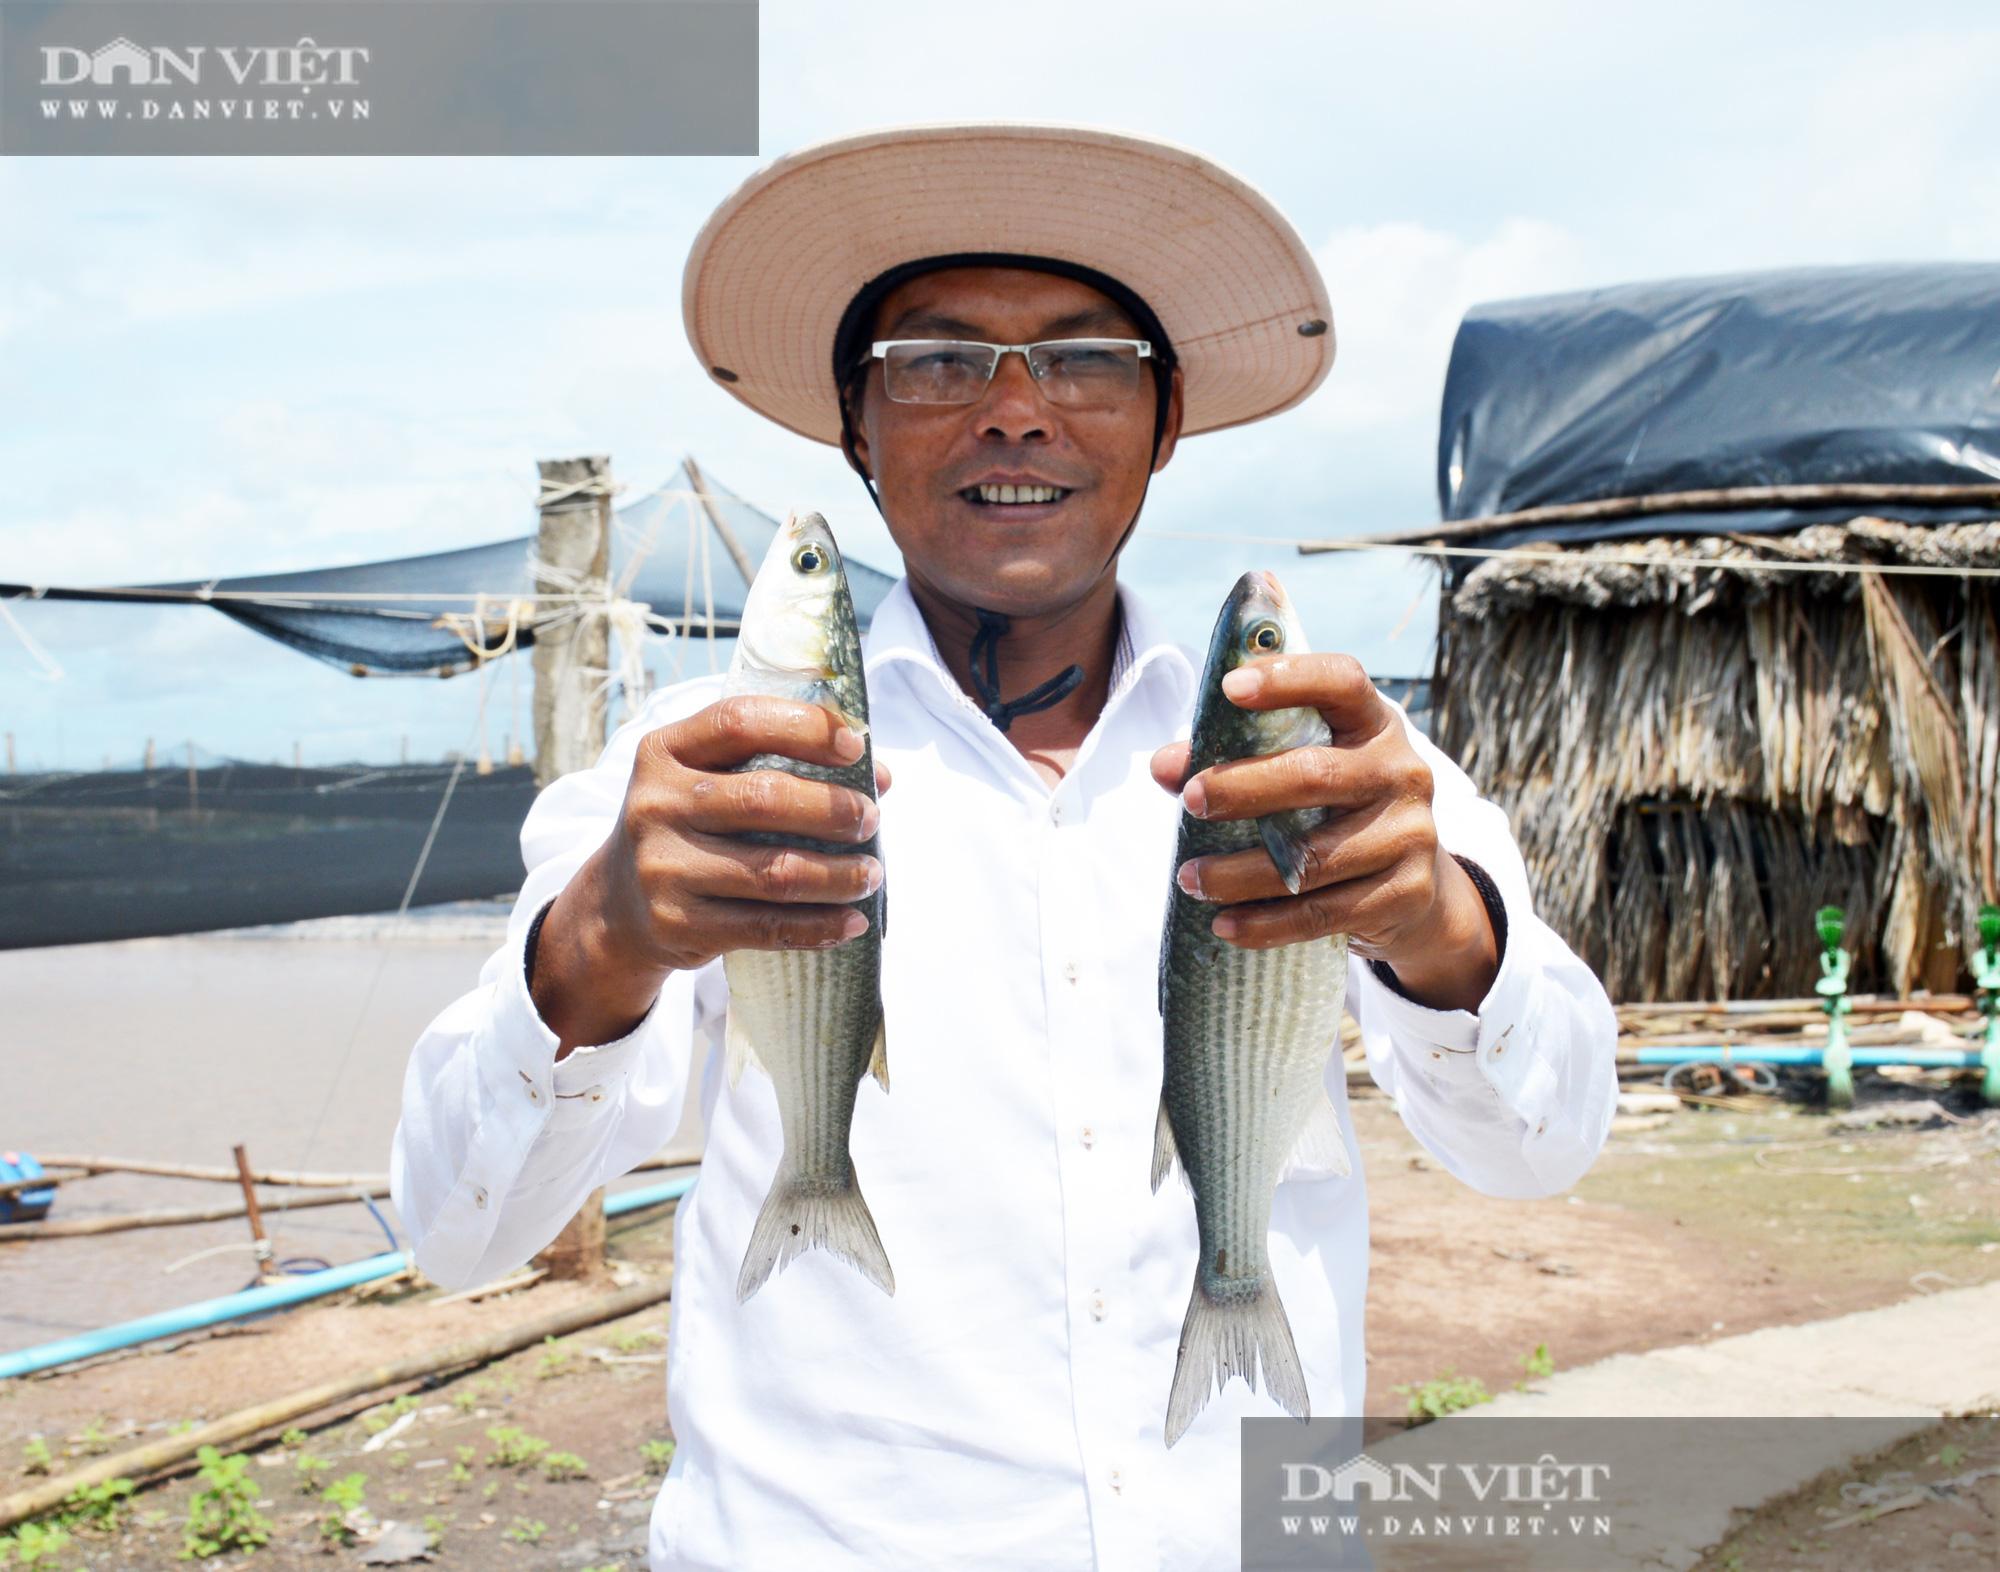 Bạc Liêu: Chàng kỹ sư bỏ công ty nước ngoài về làm nông dân nuôi 15 loài thủy sản - Ảnh 3.